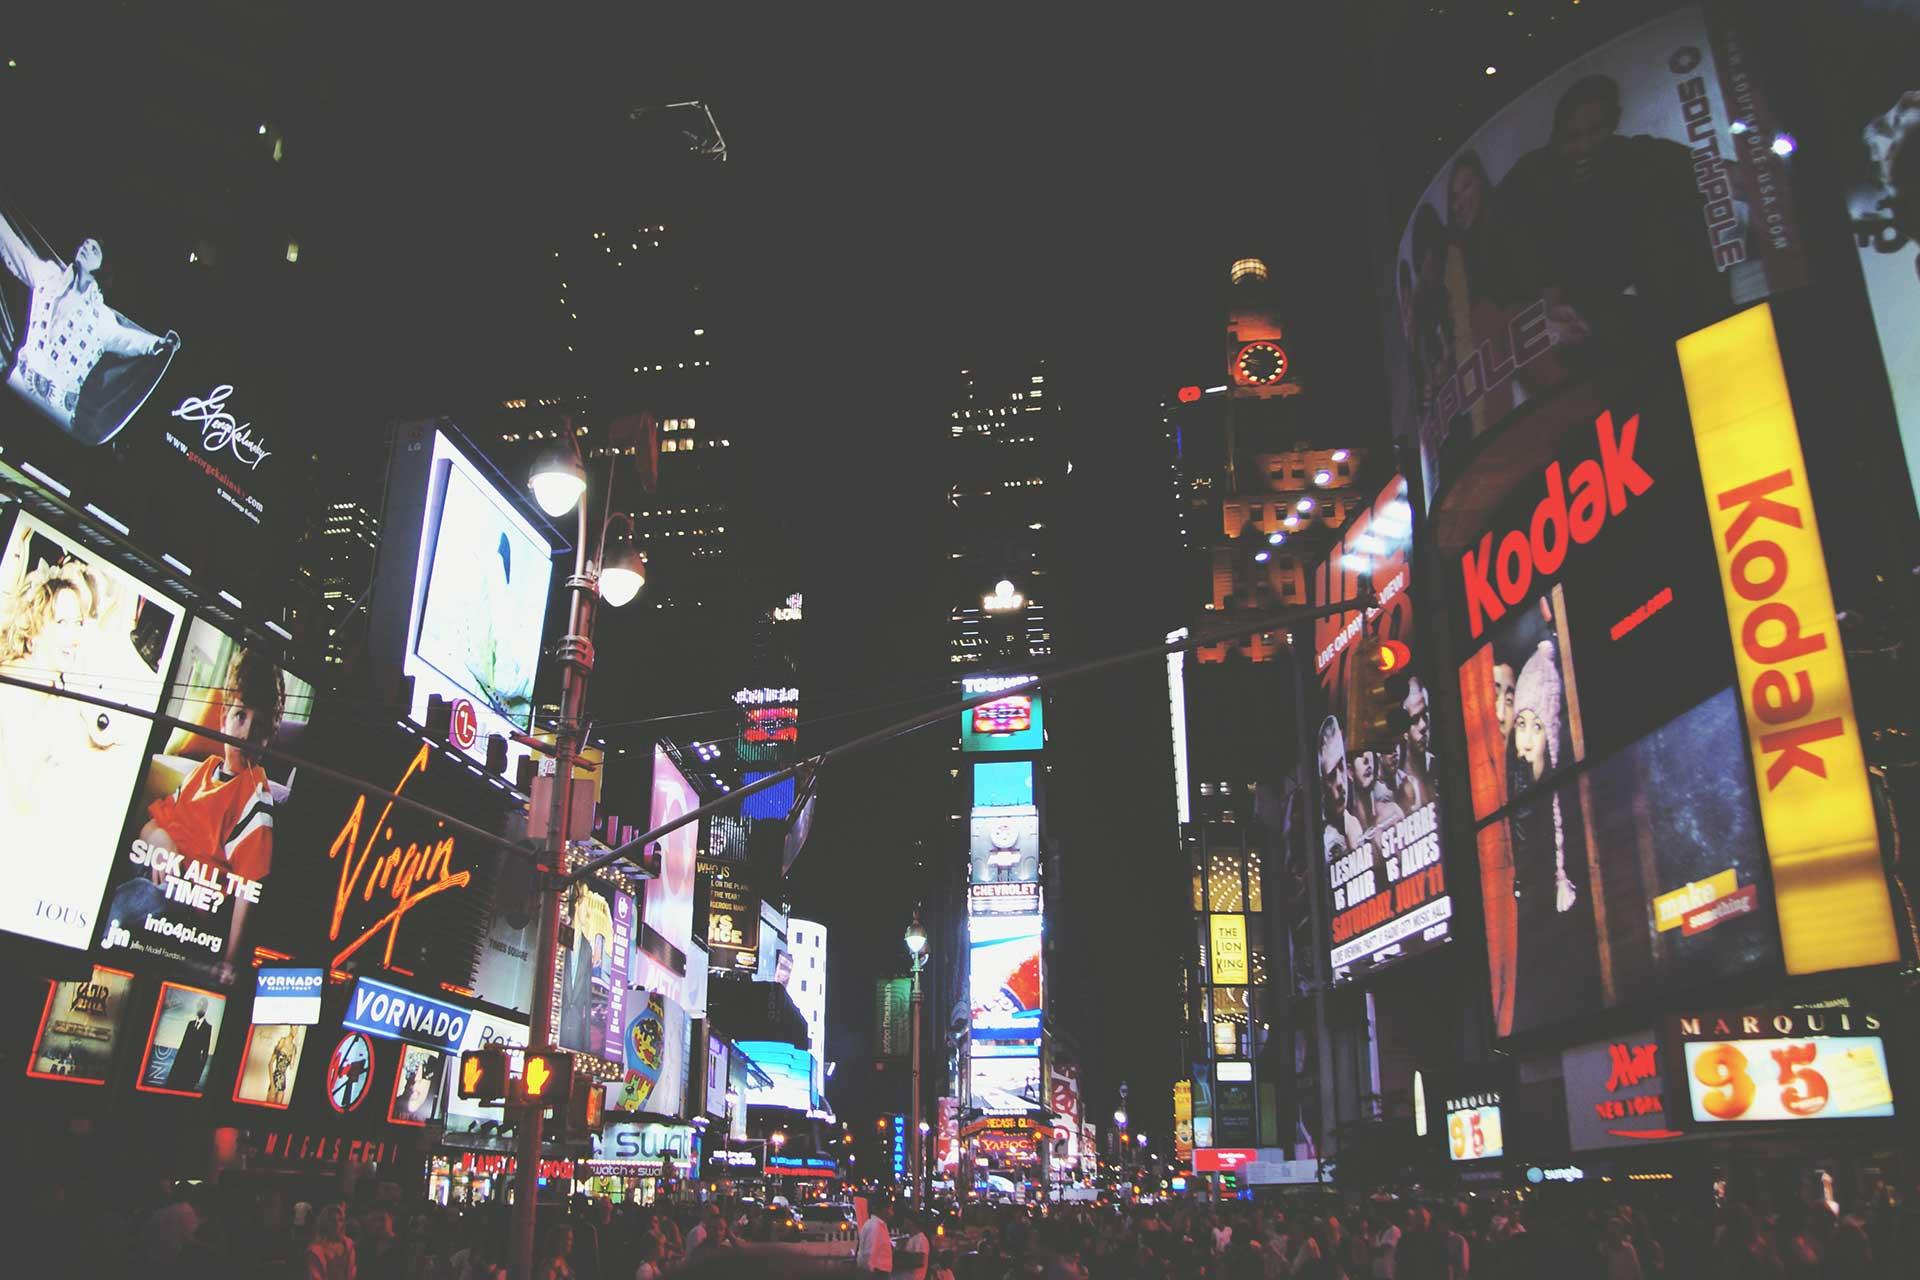 Wat te doen in New York - Watzijzegt